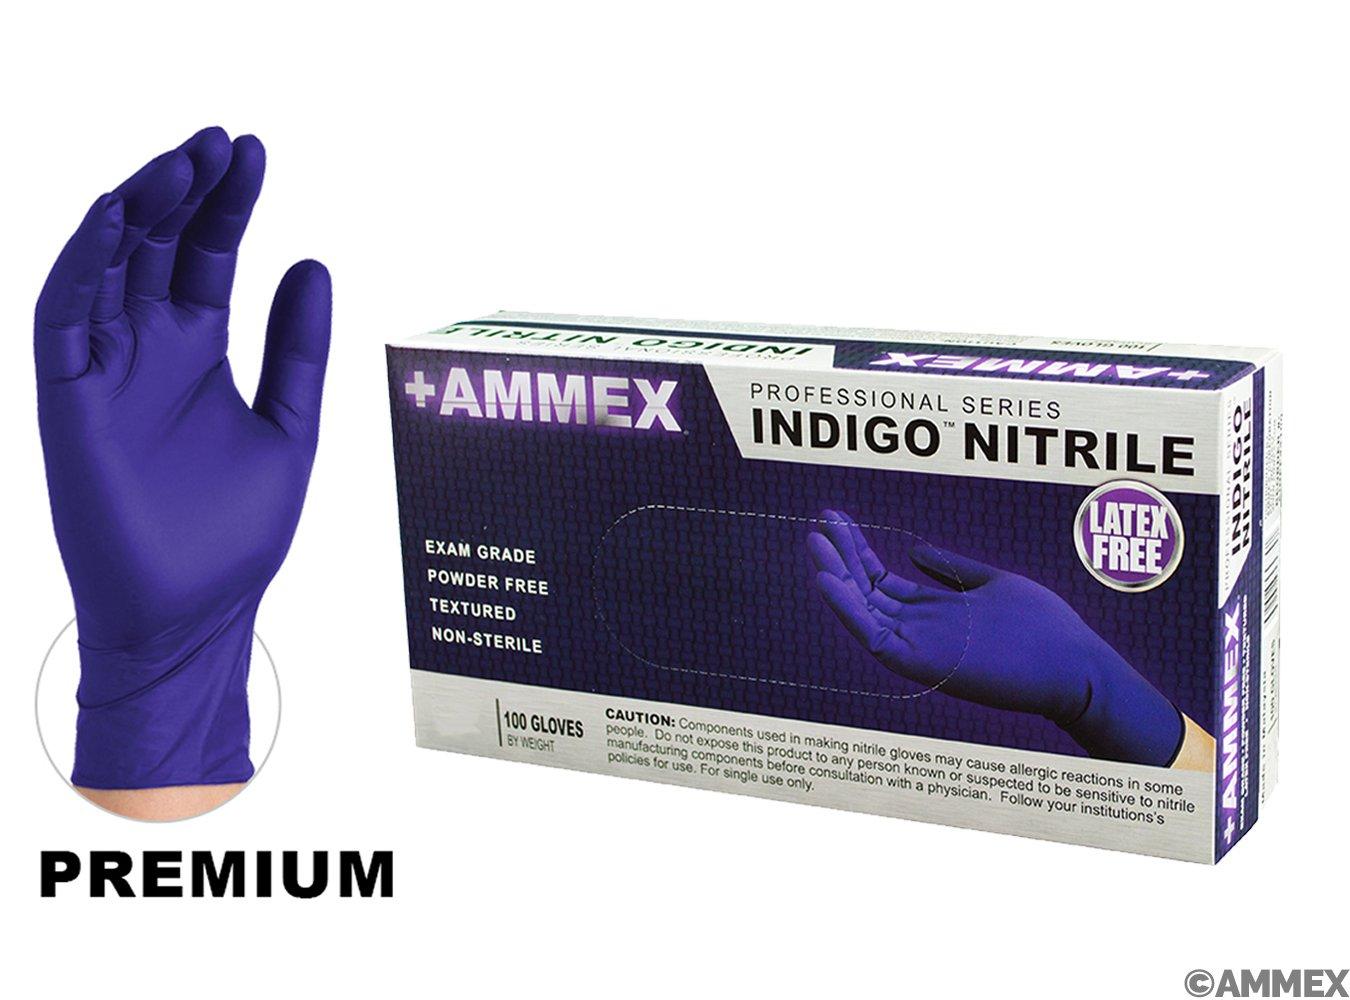 Nitrile Exam Grade Gloves